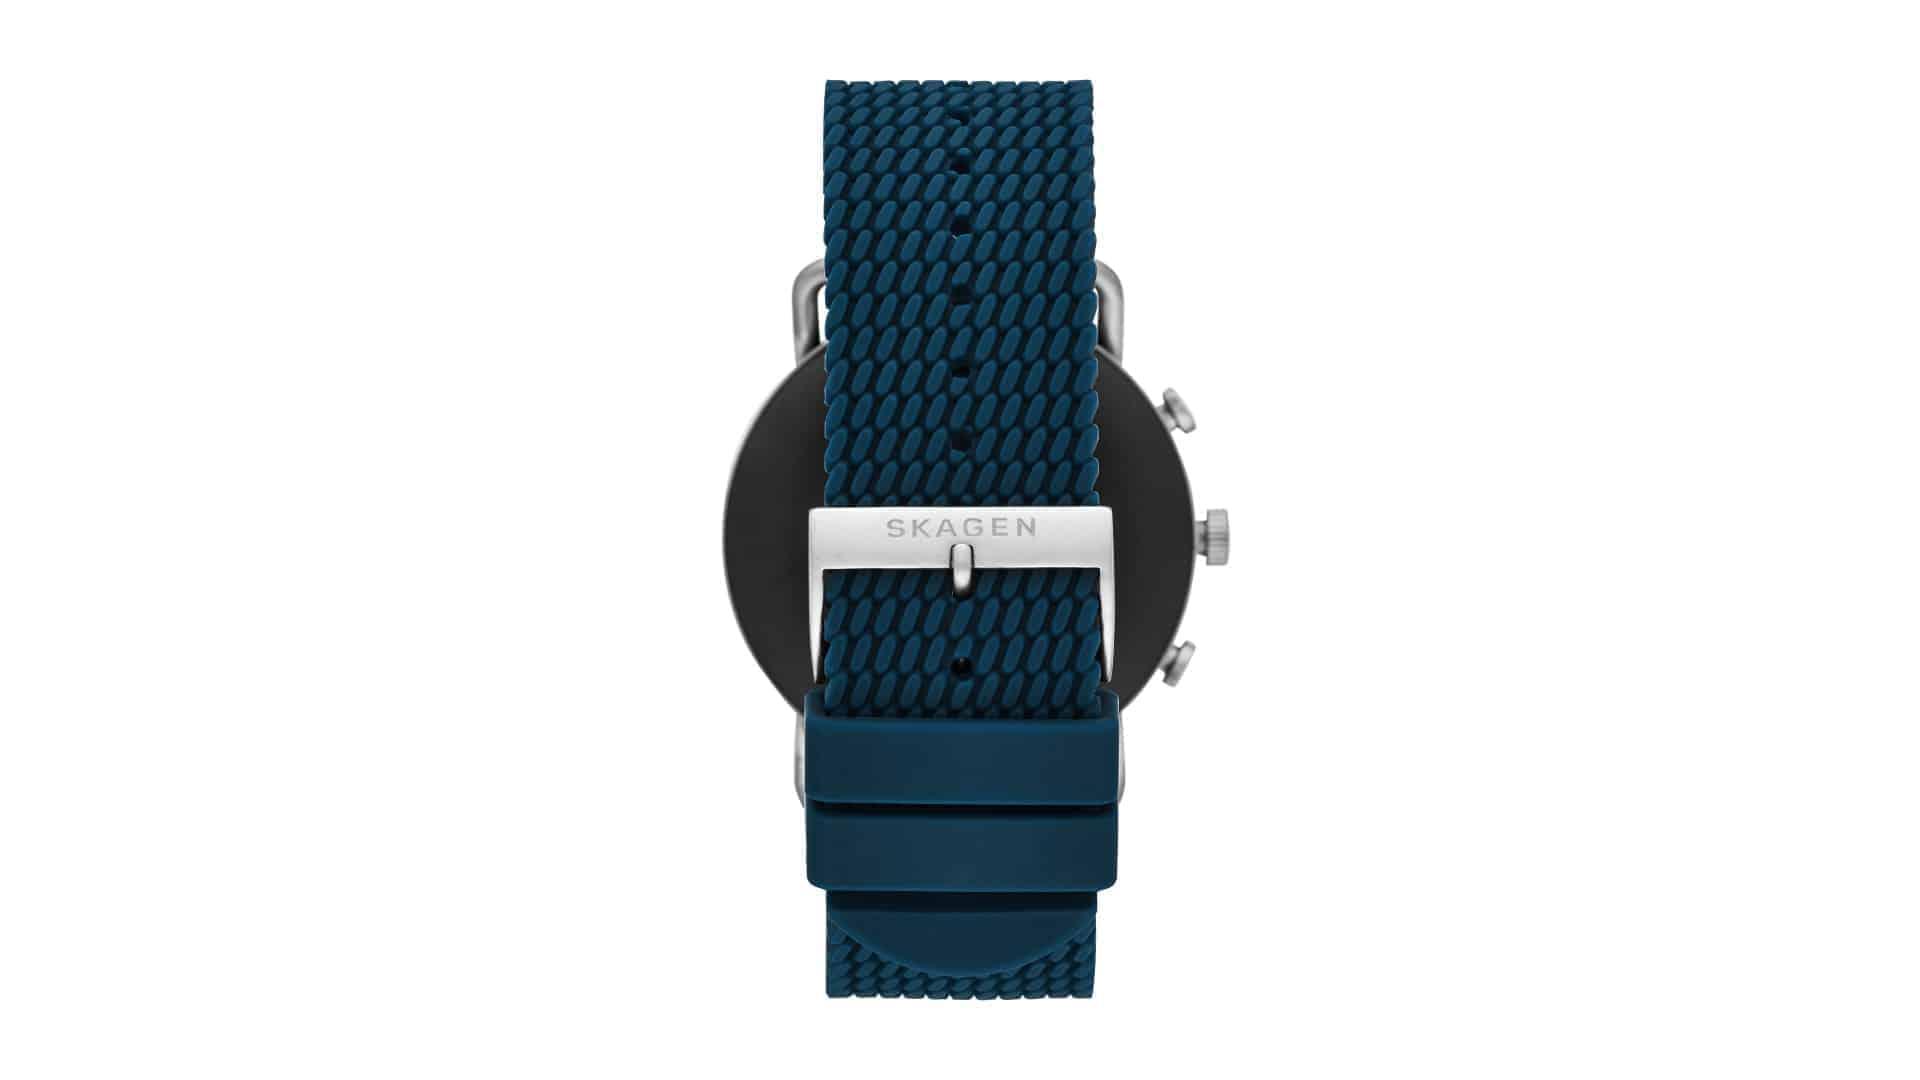 SKAGEN Falster 3 Wear OS Watch 2